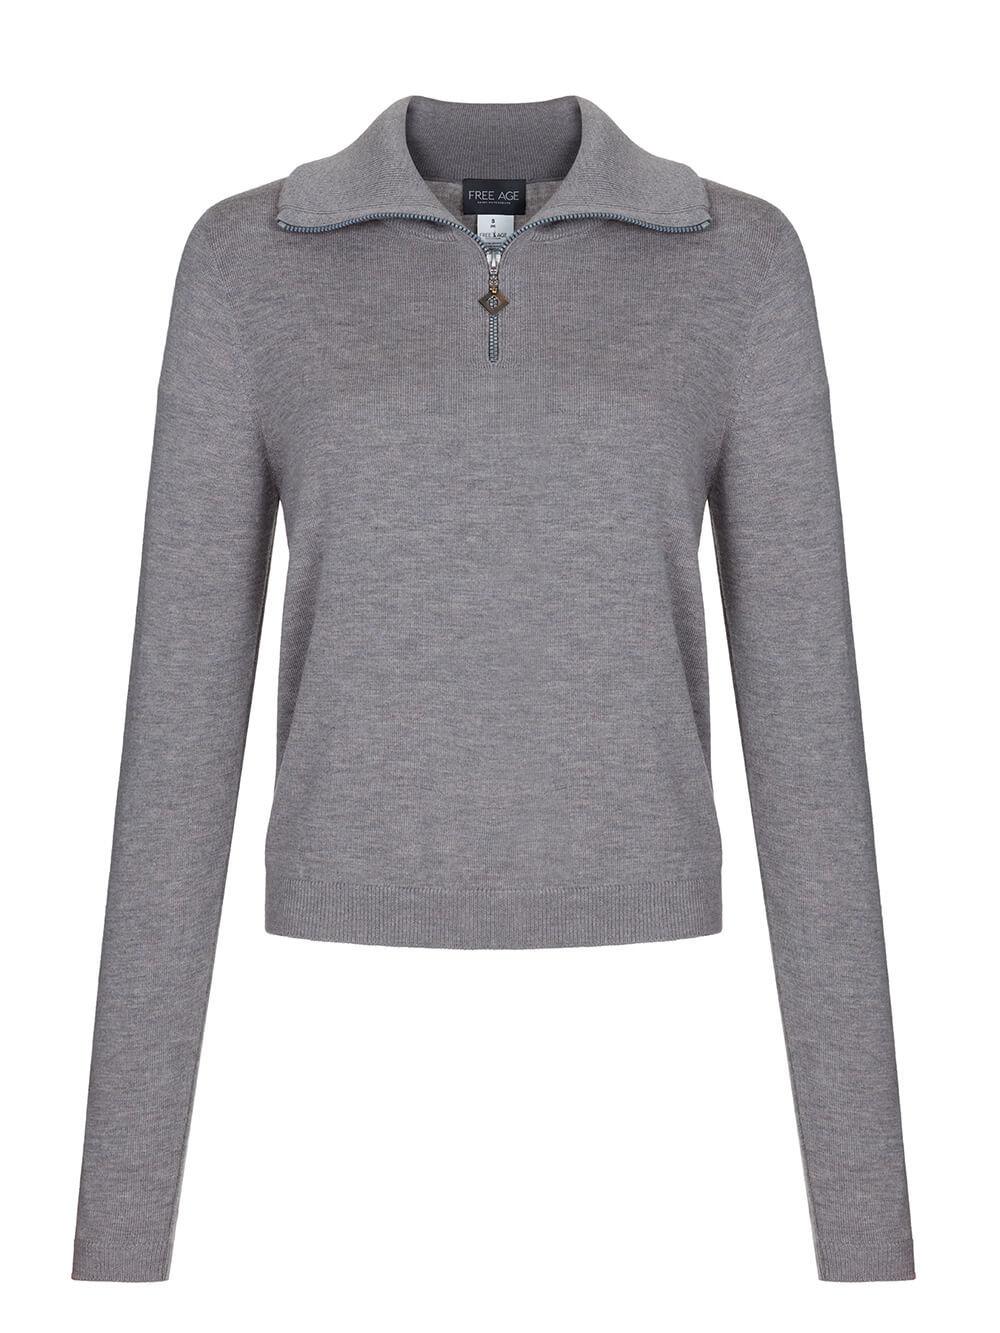 Женский джемпер серого цвета из шерсти и шелка - фото 1